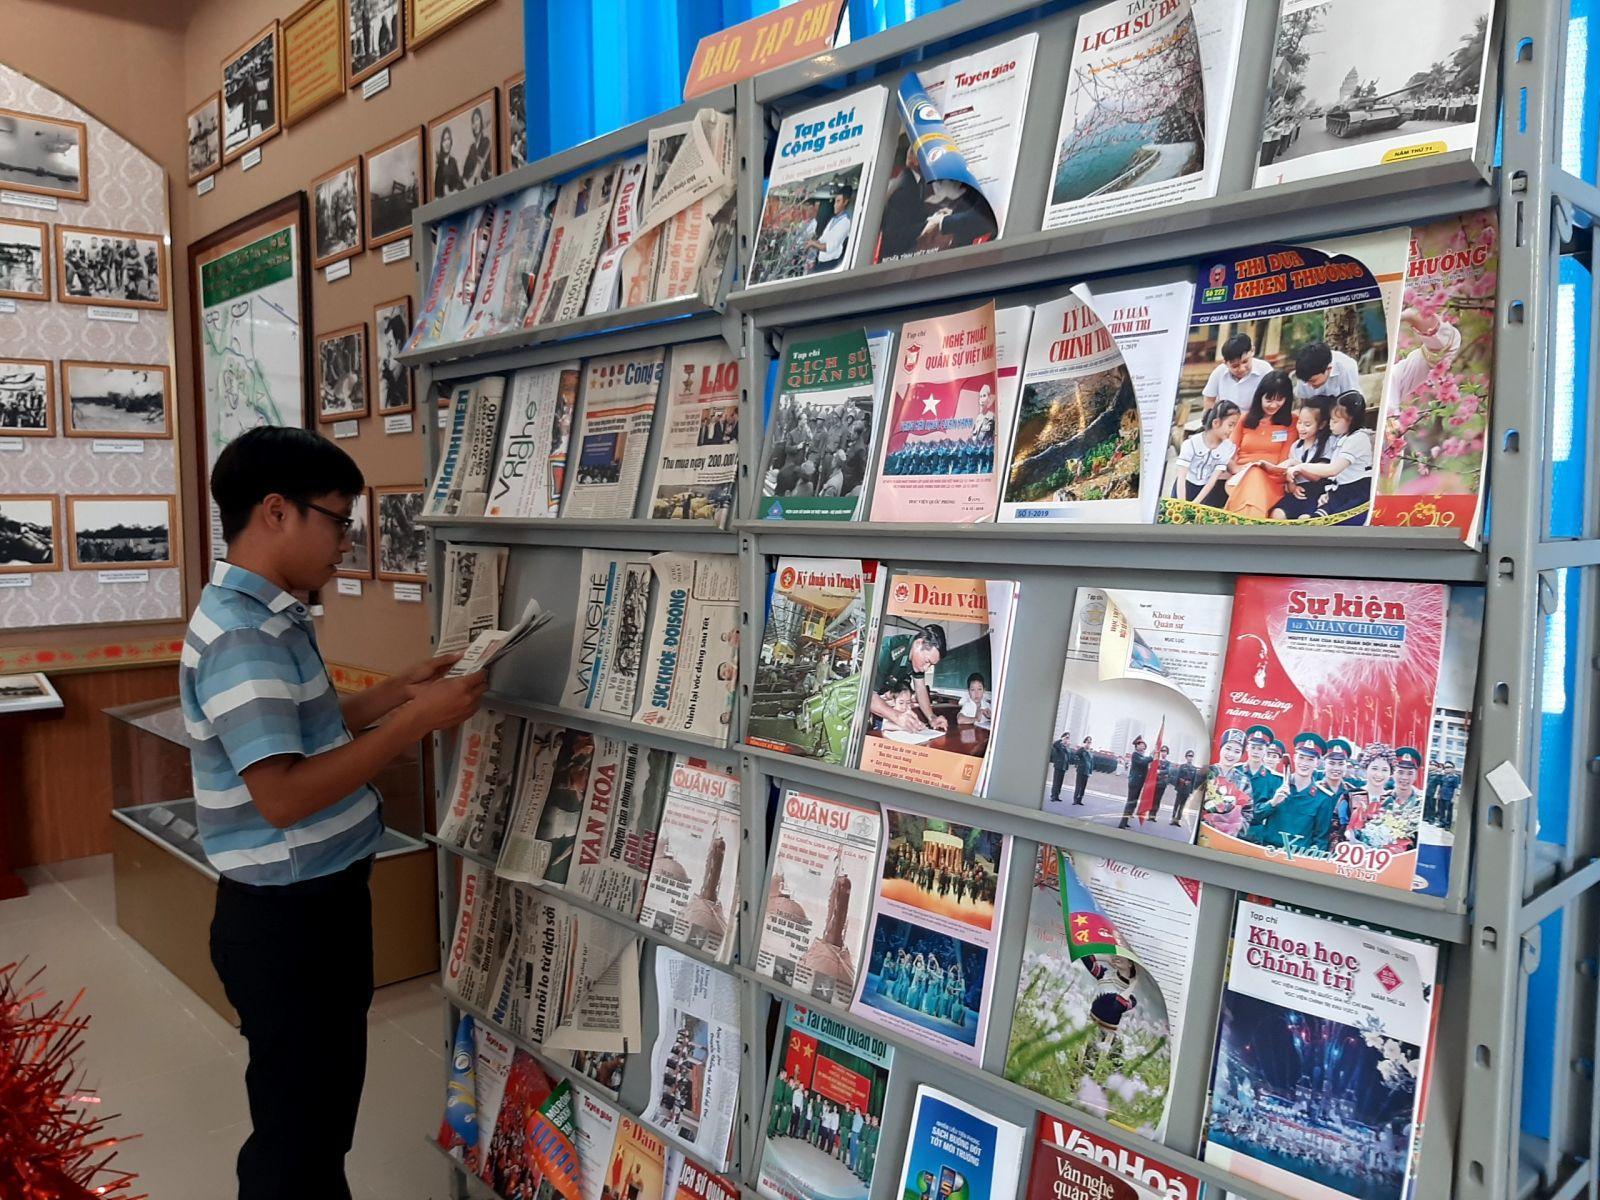 Nhà truyền thống có diện tích rộng, ngoài hình ảnh, hiện vật, còn có nhiều sách, báo được đặt tại đây phục vụ người đến tham quan, tìm hiểu